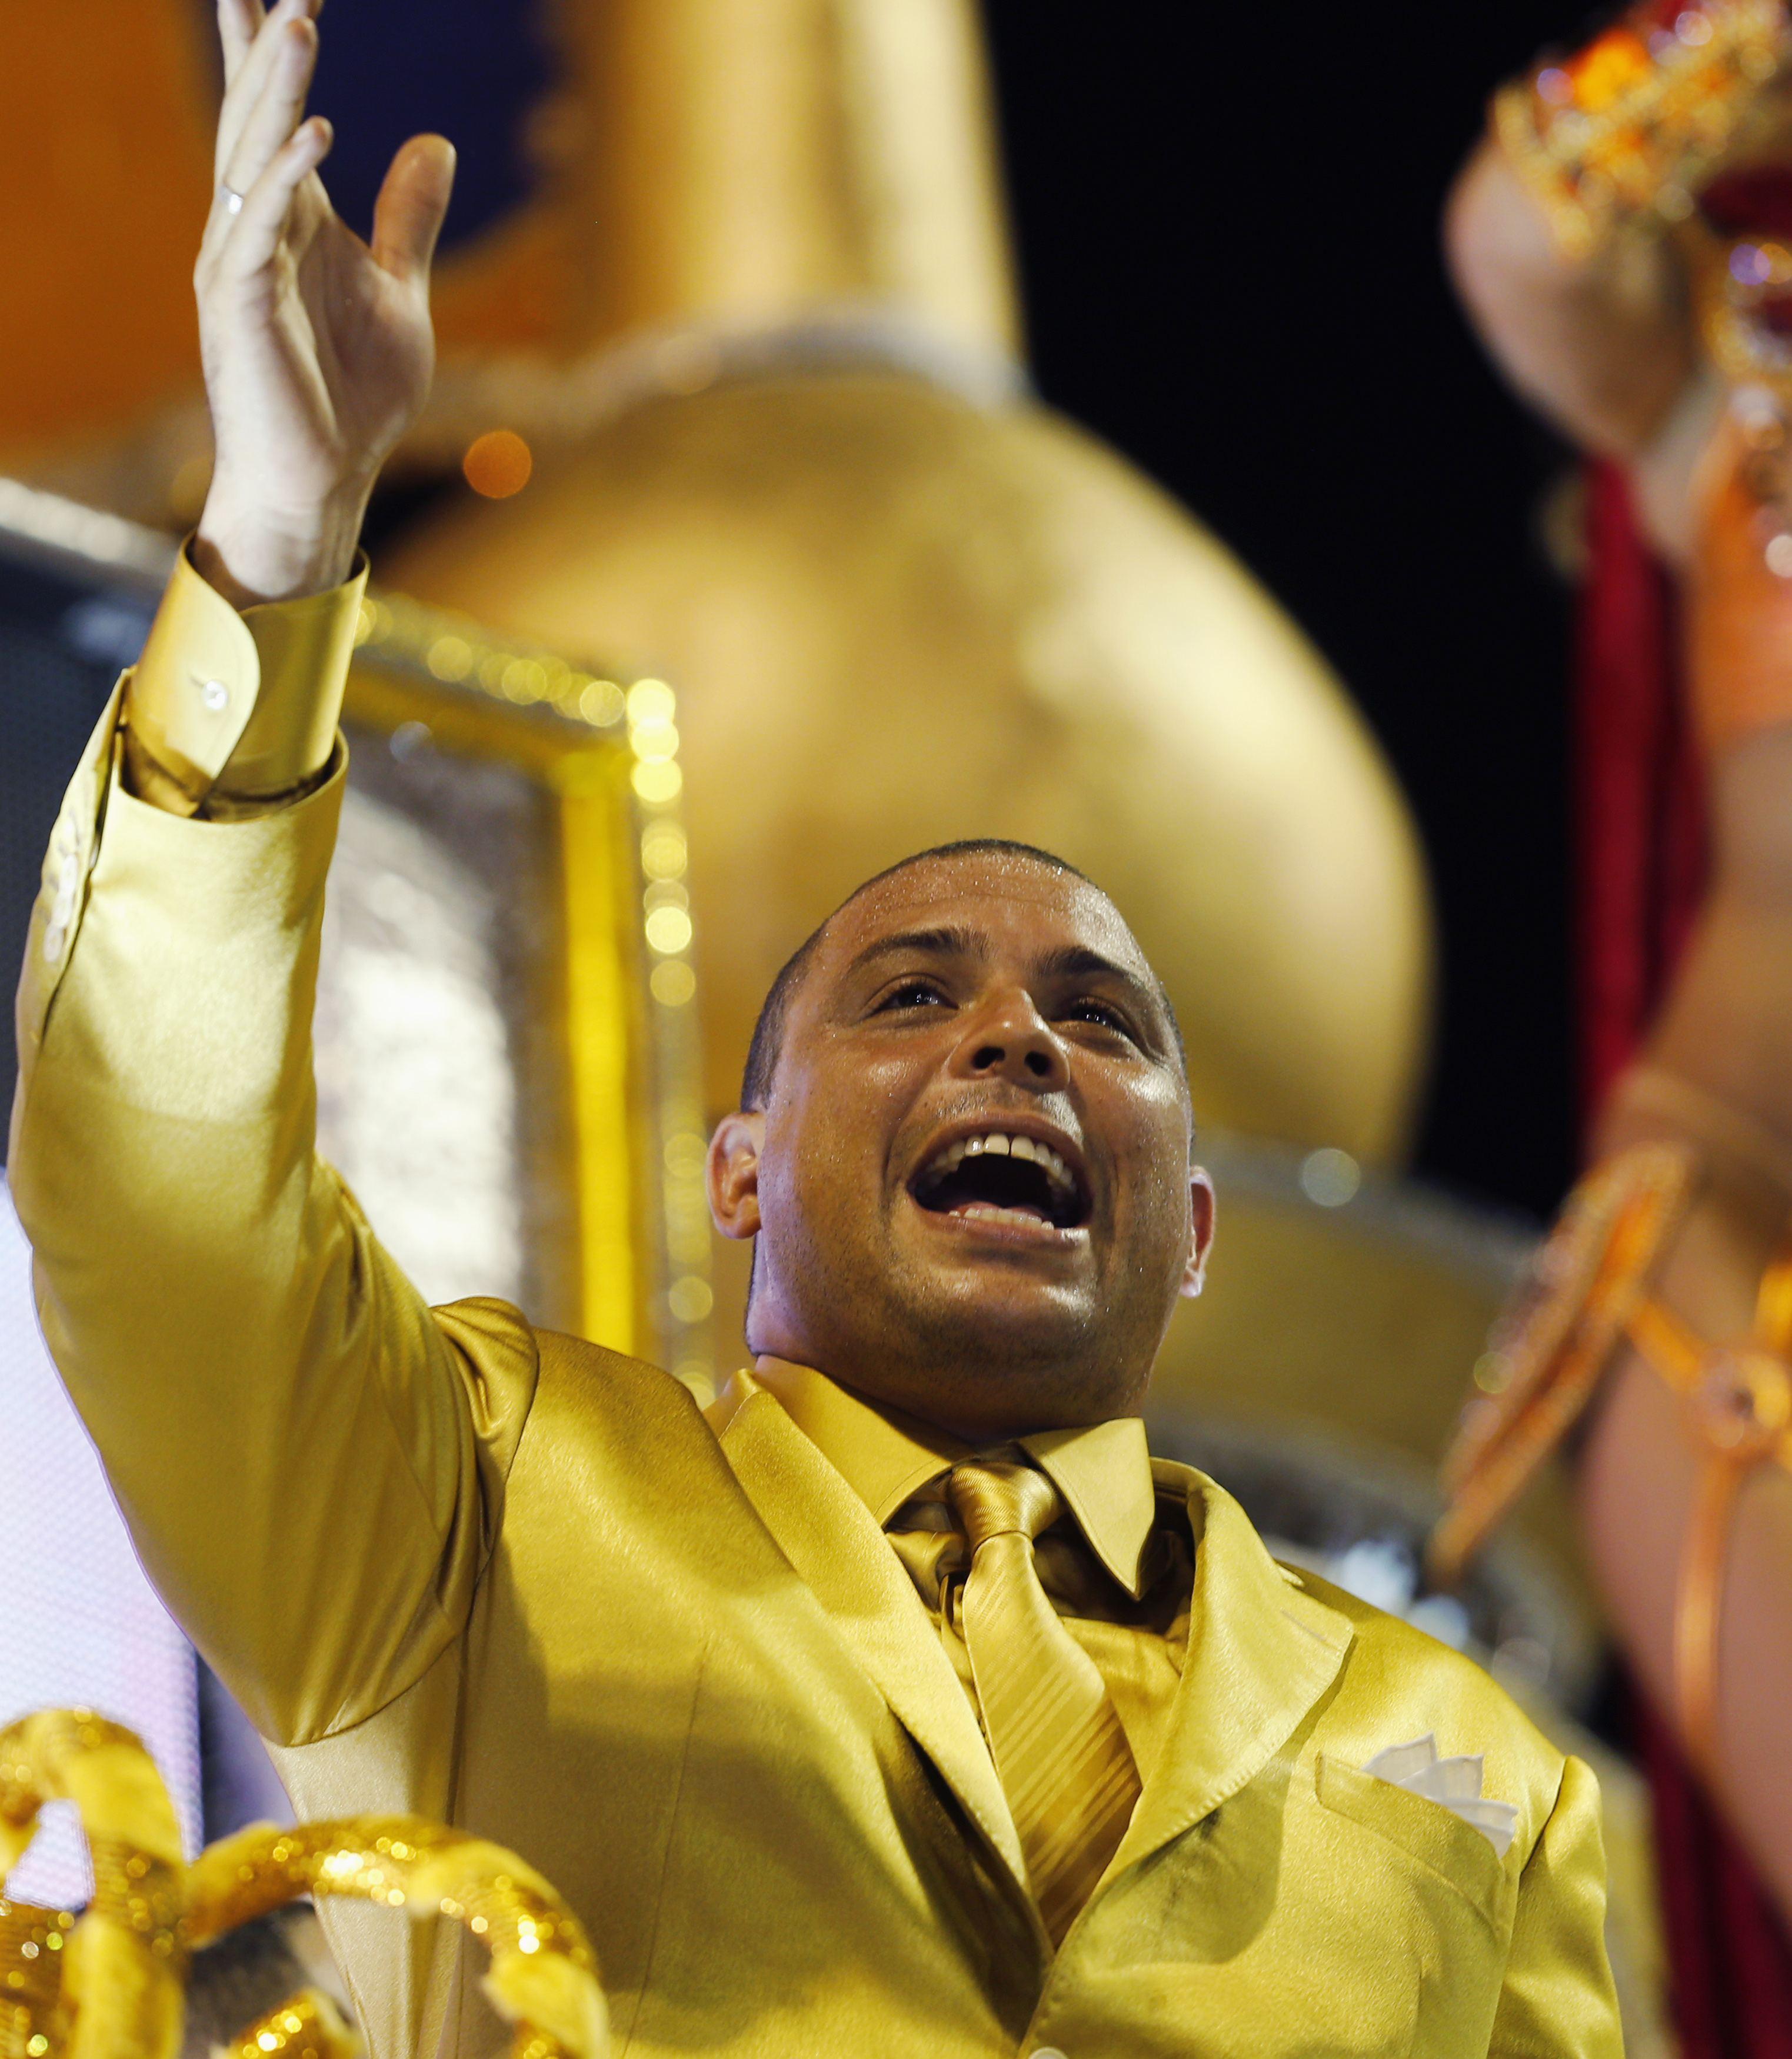 O ex-jogador Ronaldo, homenageado pela escola de samba Gaviões da Fiel, durante desfile no Anhembi | Paulo Whitaker/Reuters